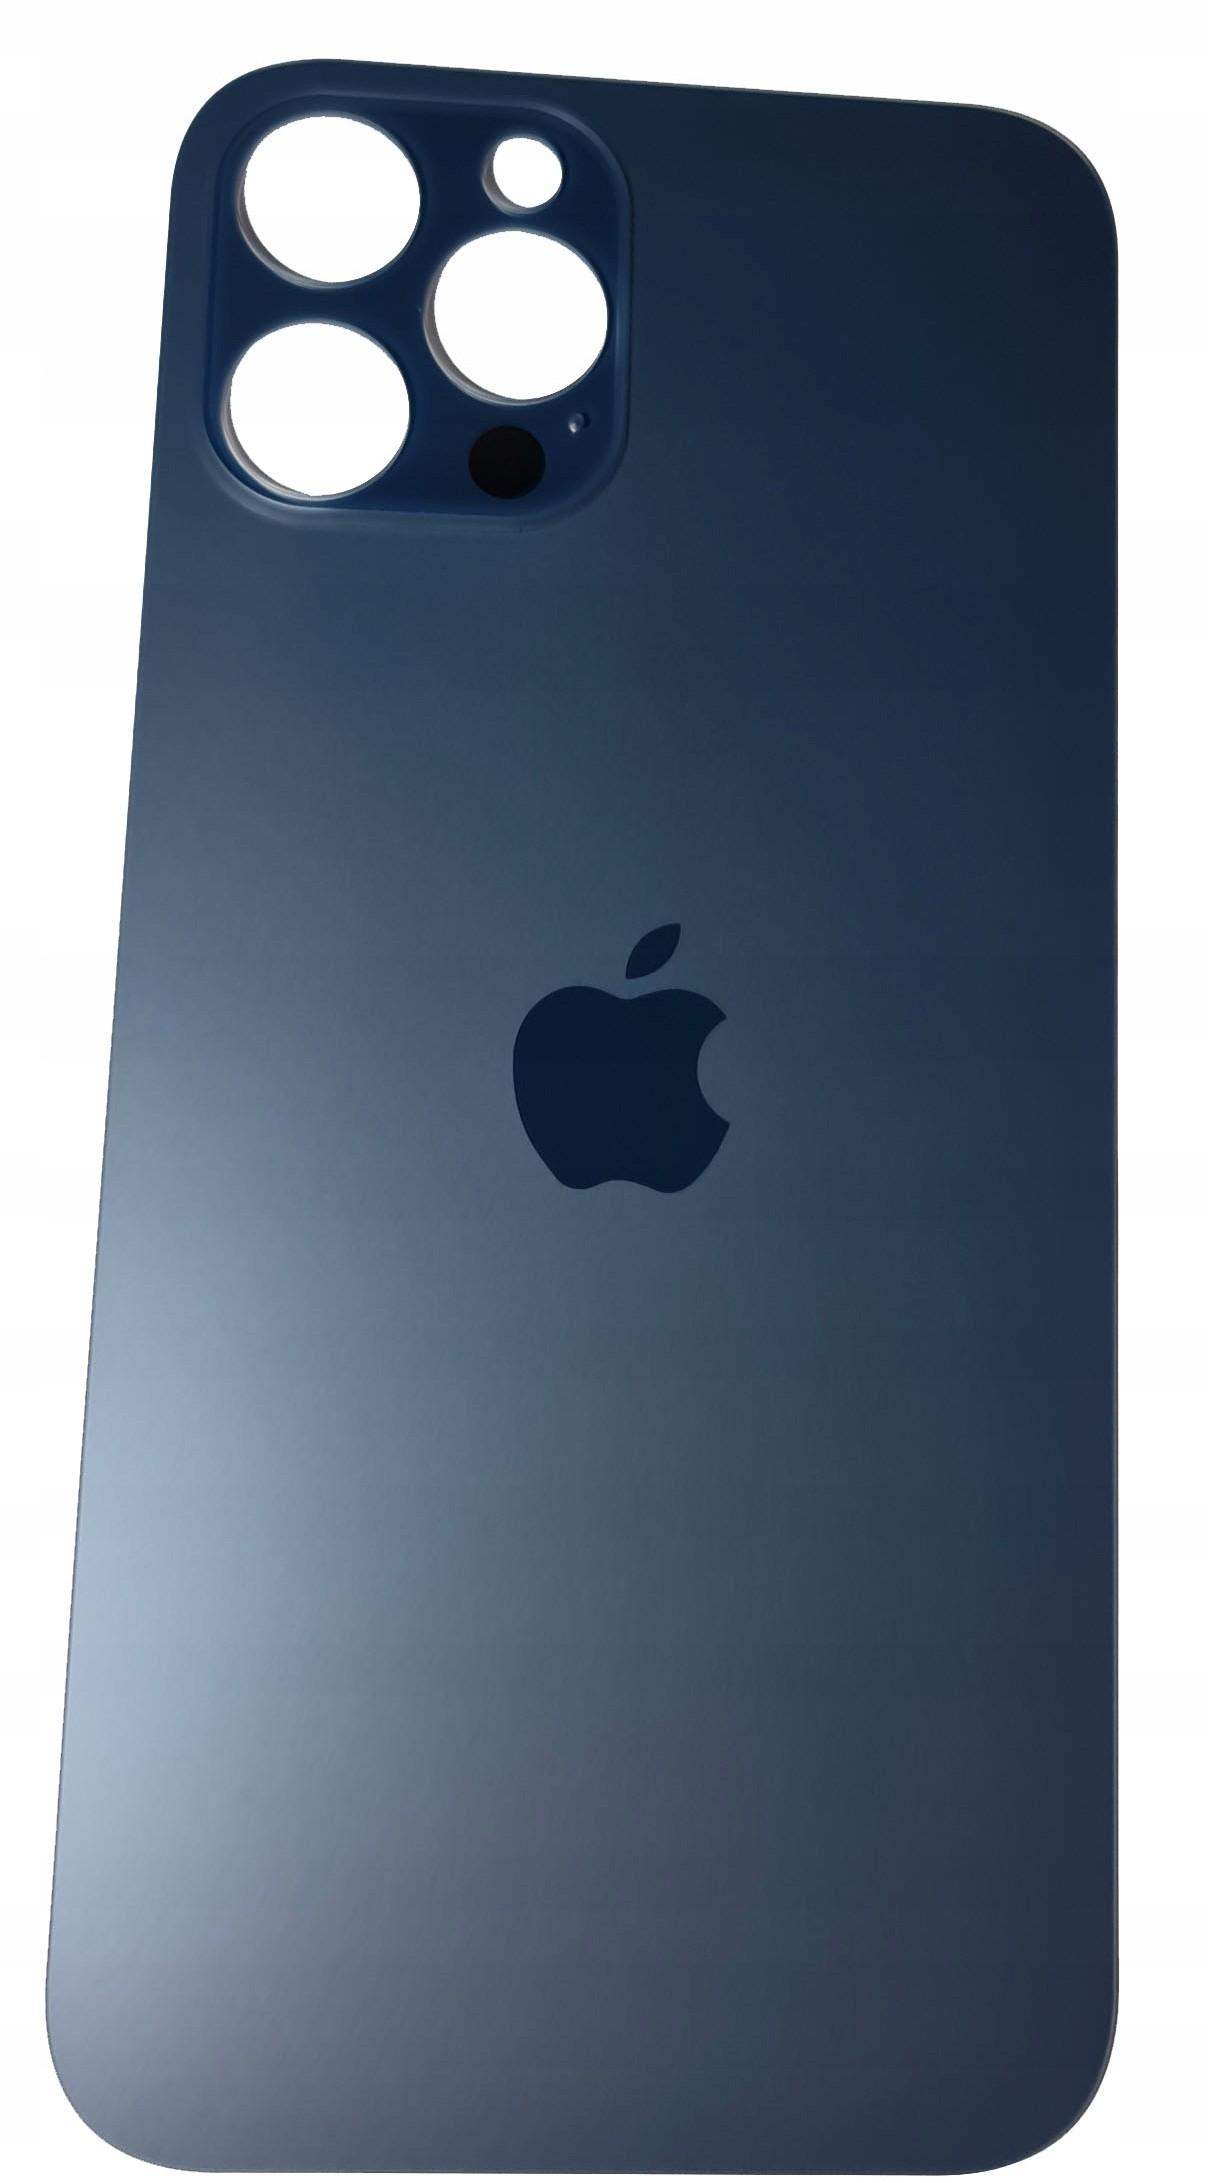 Klapka Obudowa Pokrywa Tył Szkło Iphone 12 Pro Max